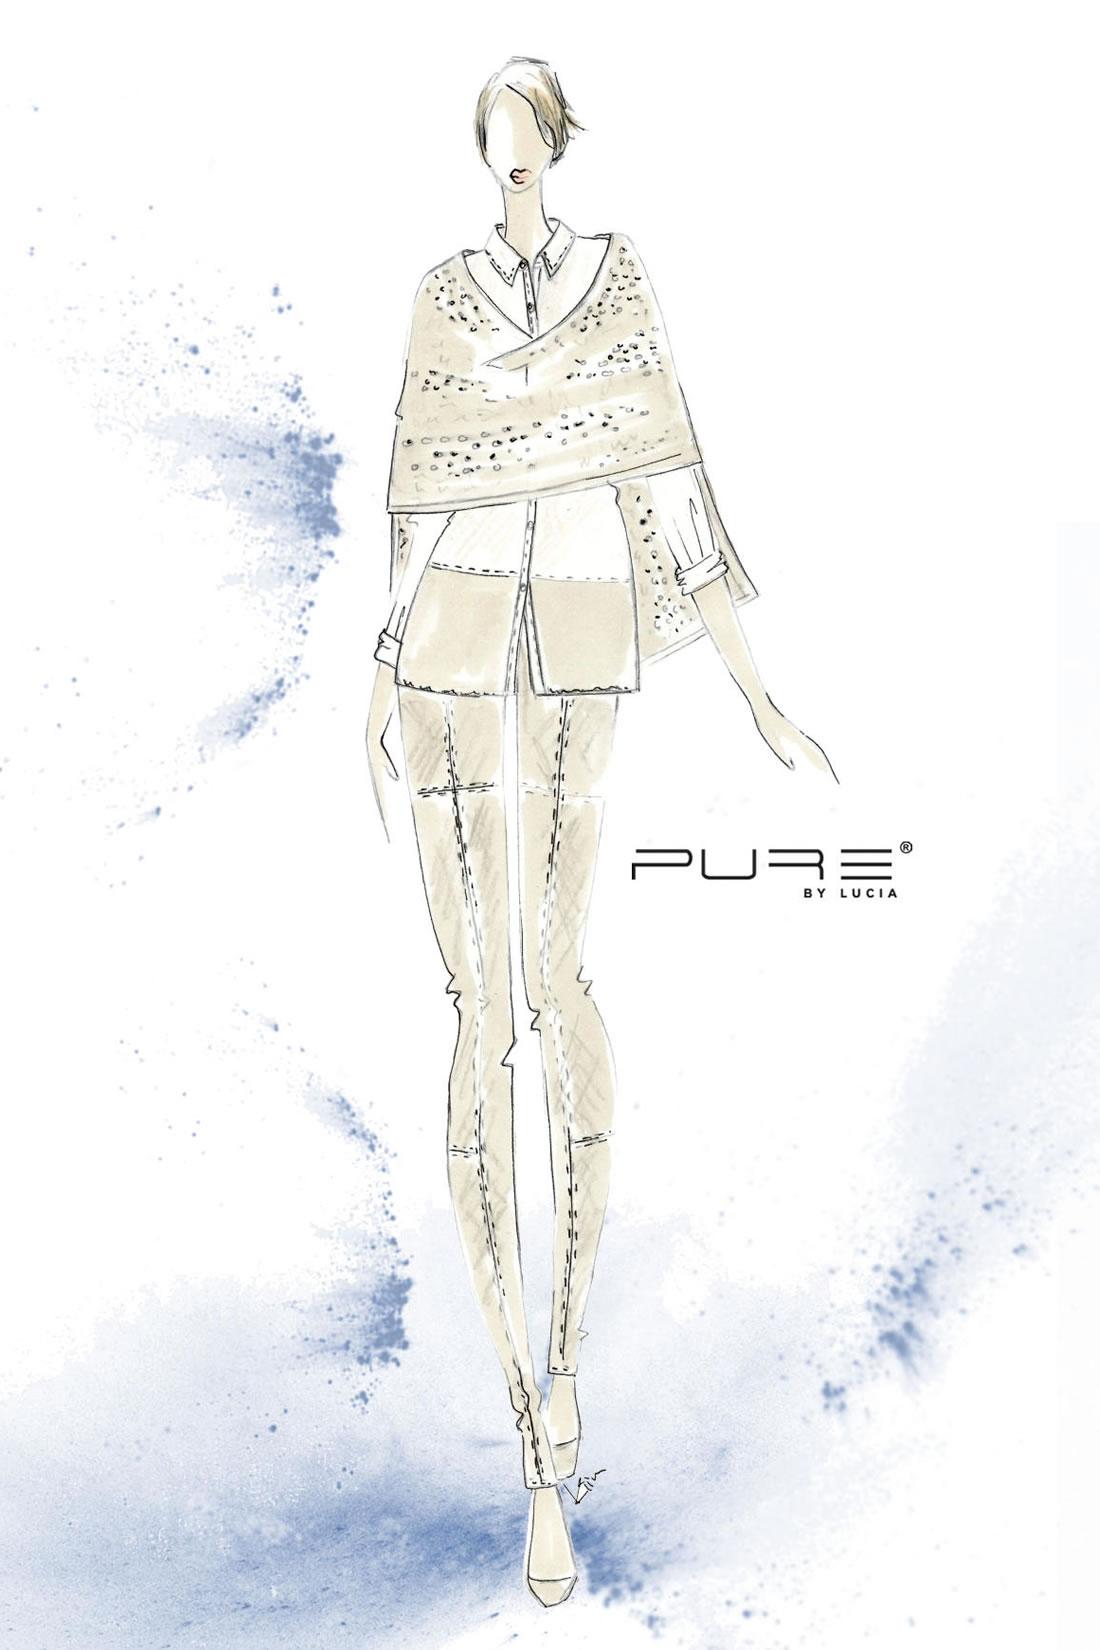 lucia5